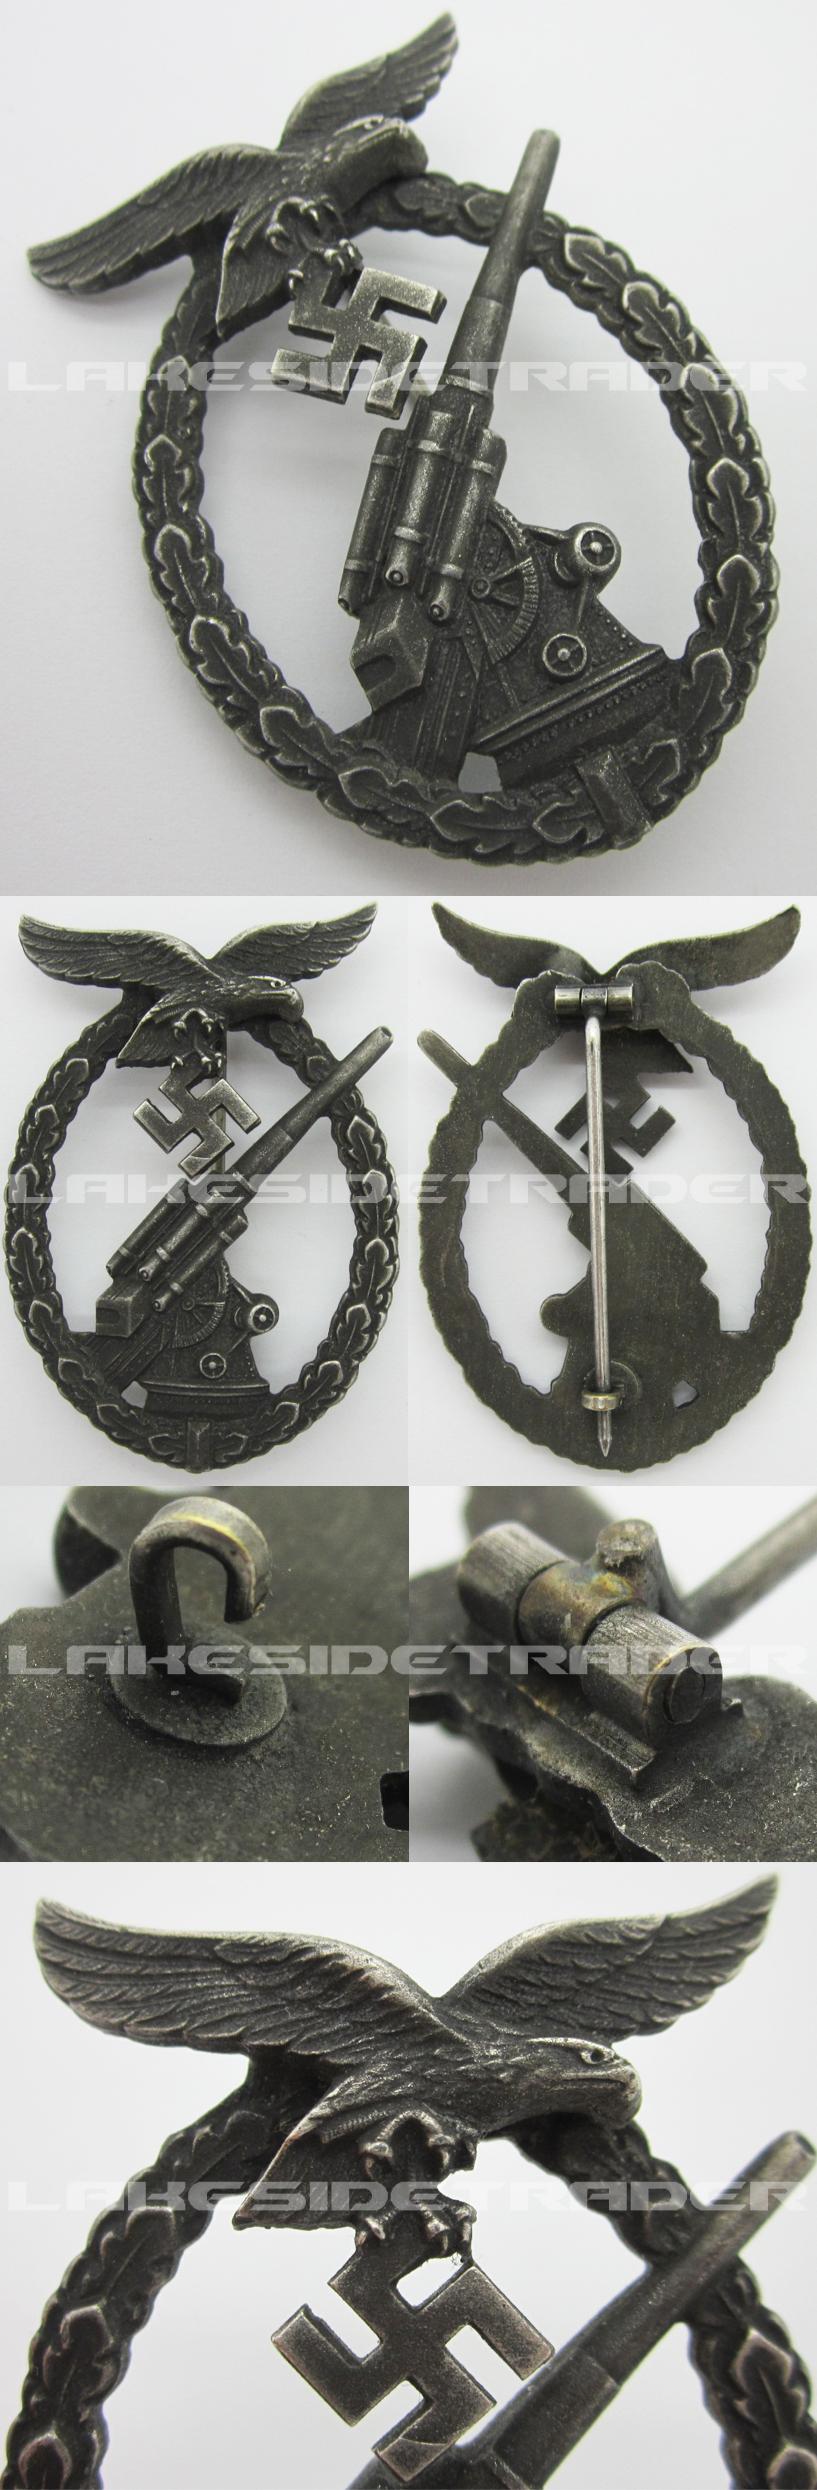 Luftwaffe Flak Badge by Steinhauer & Lück